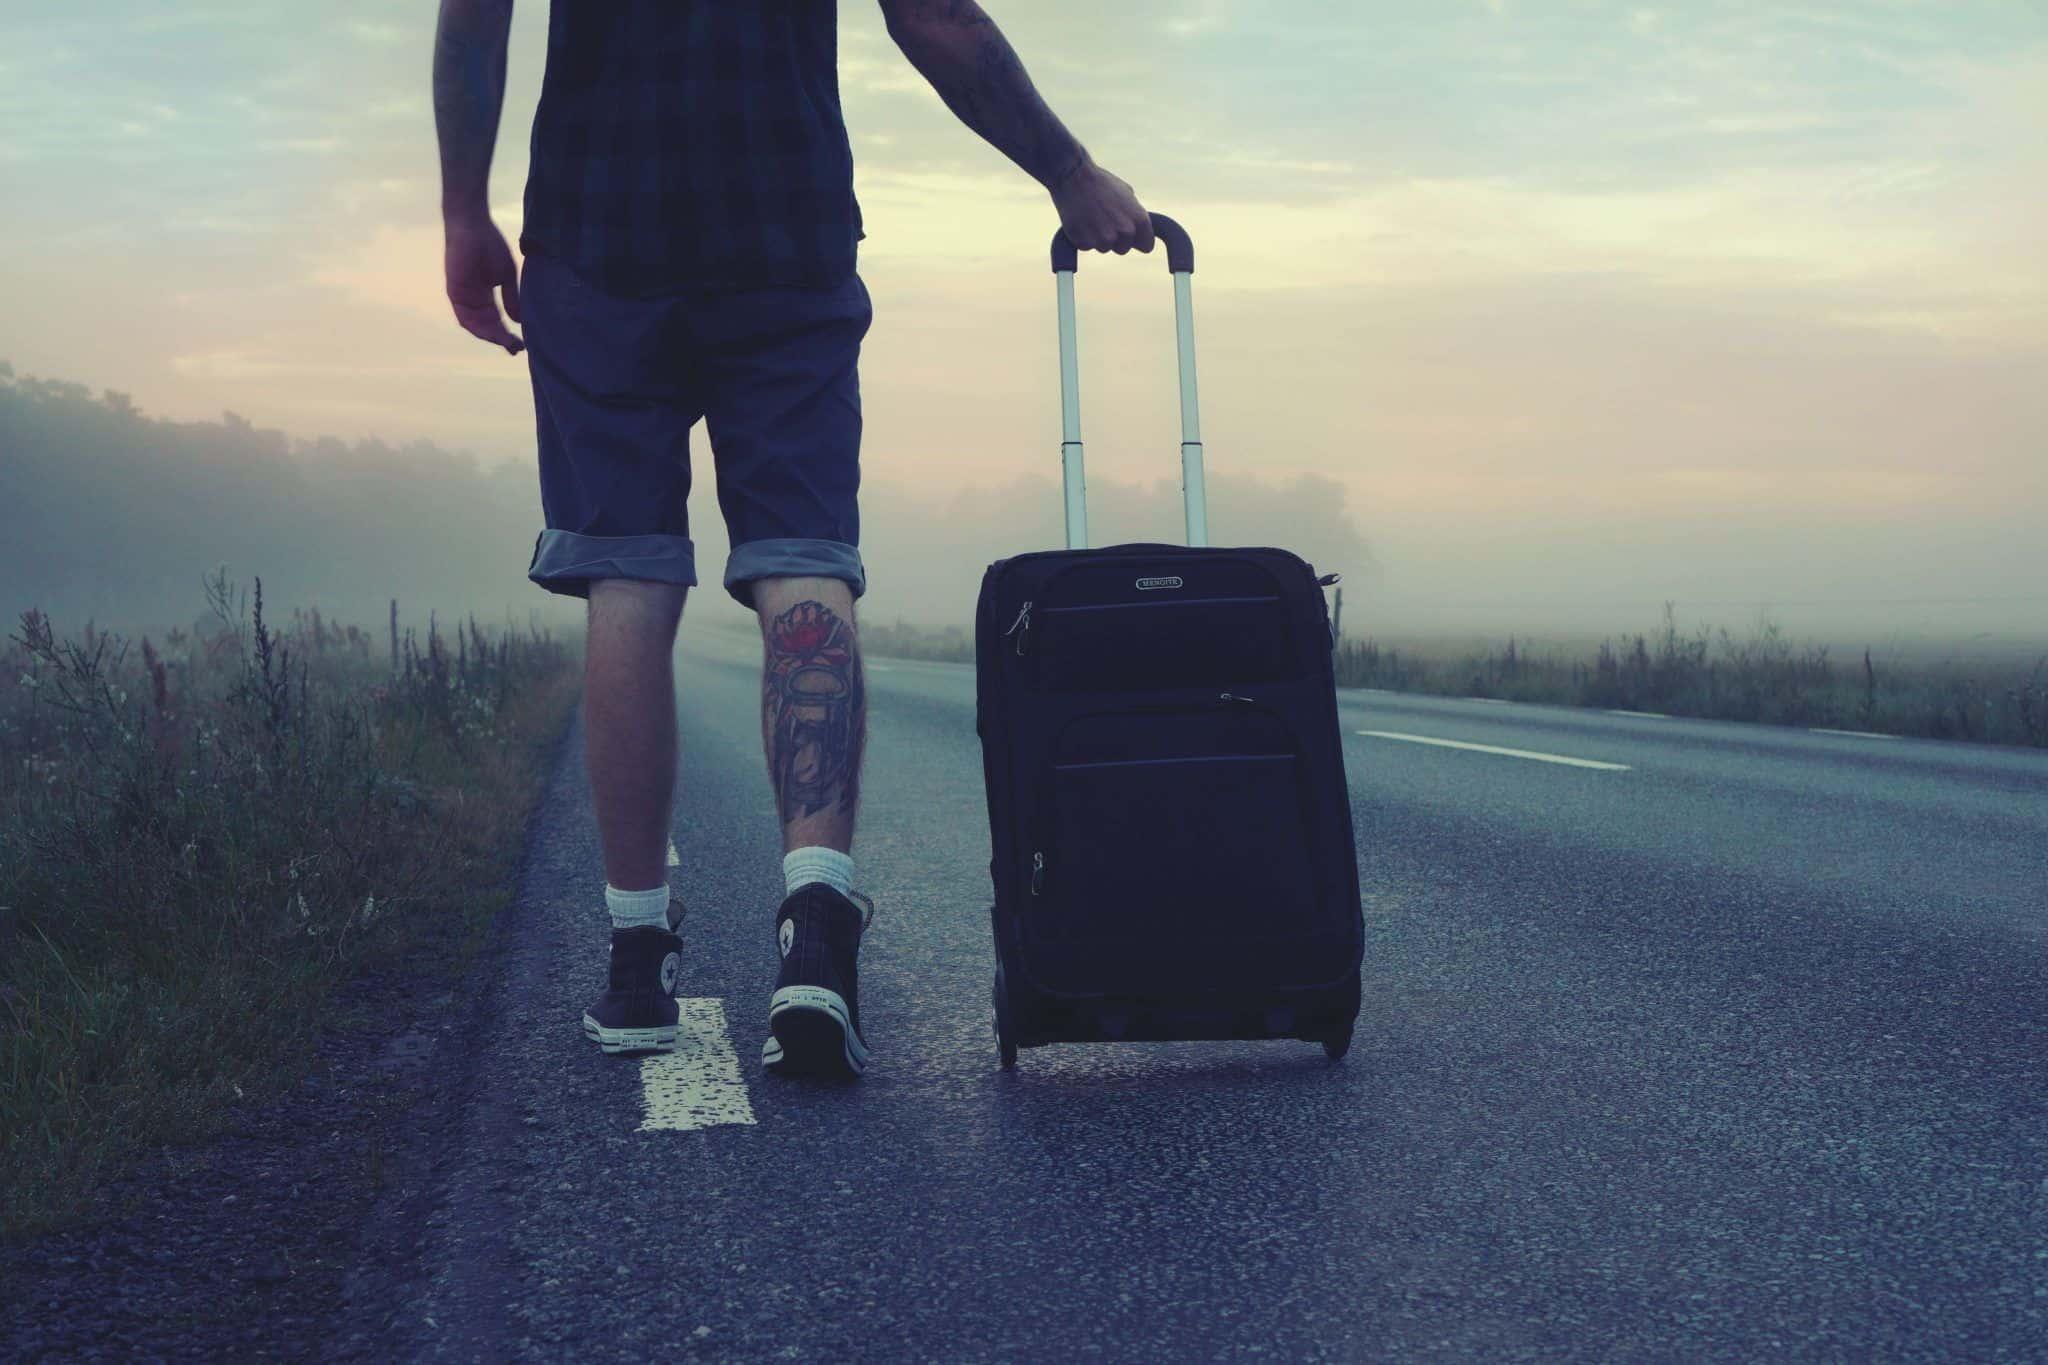 הולך עם מזוודה על כביש